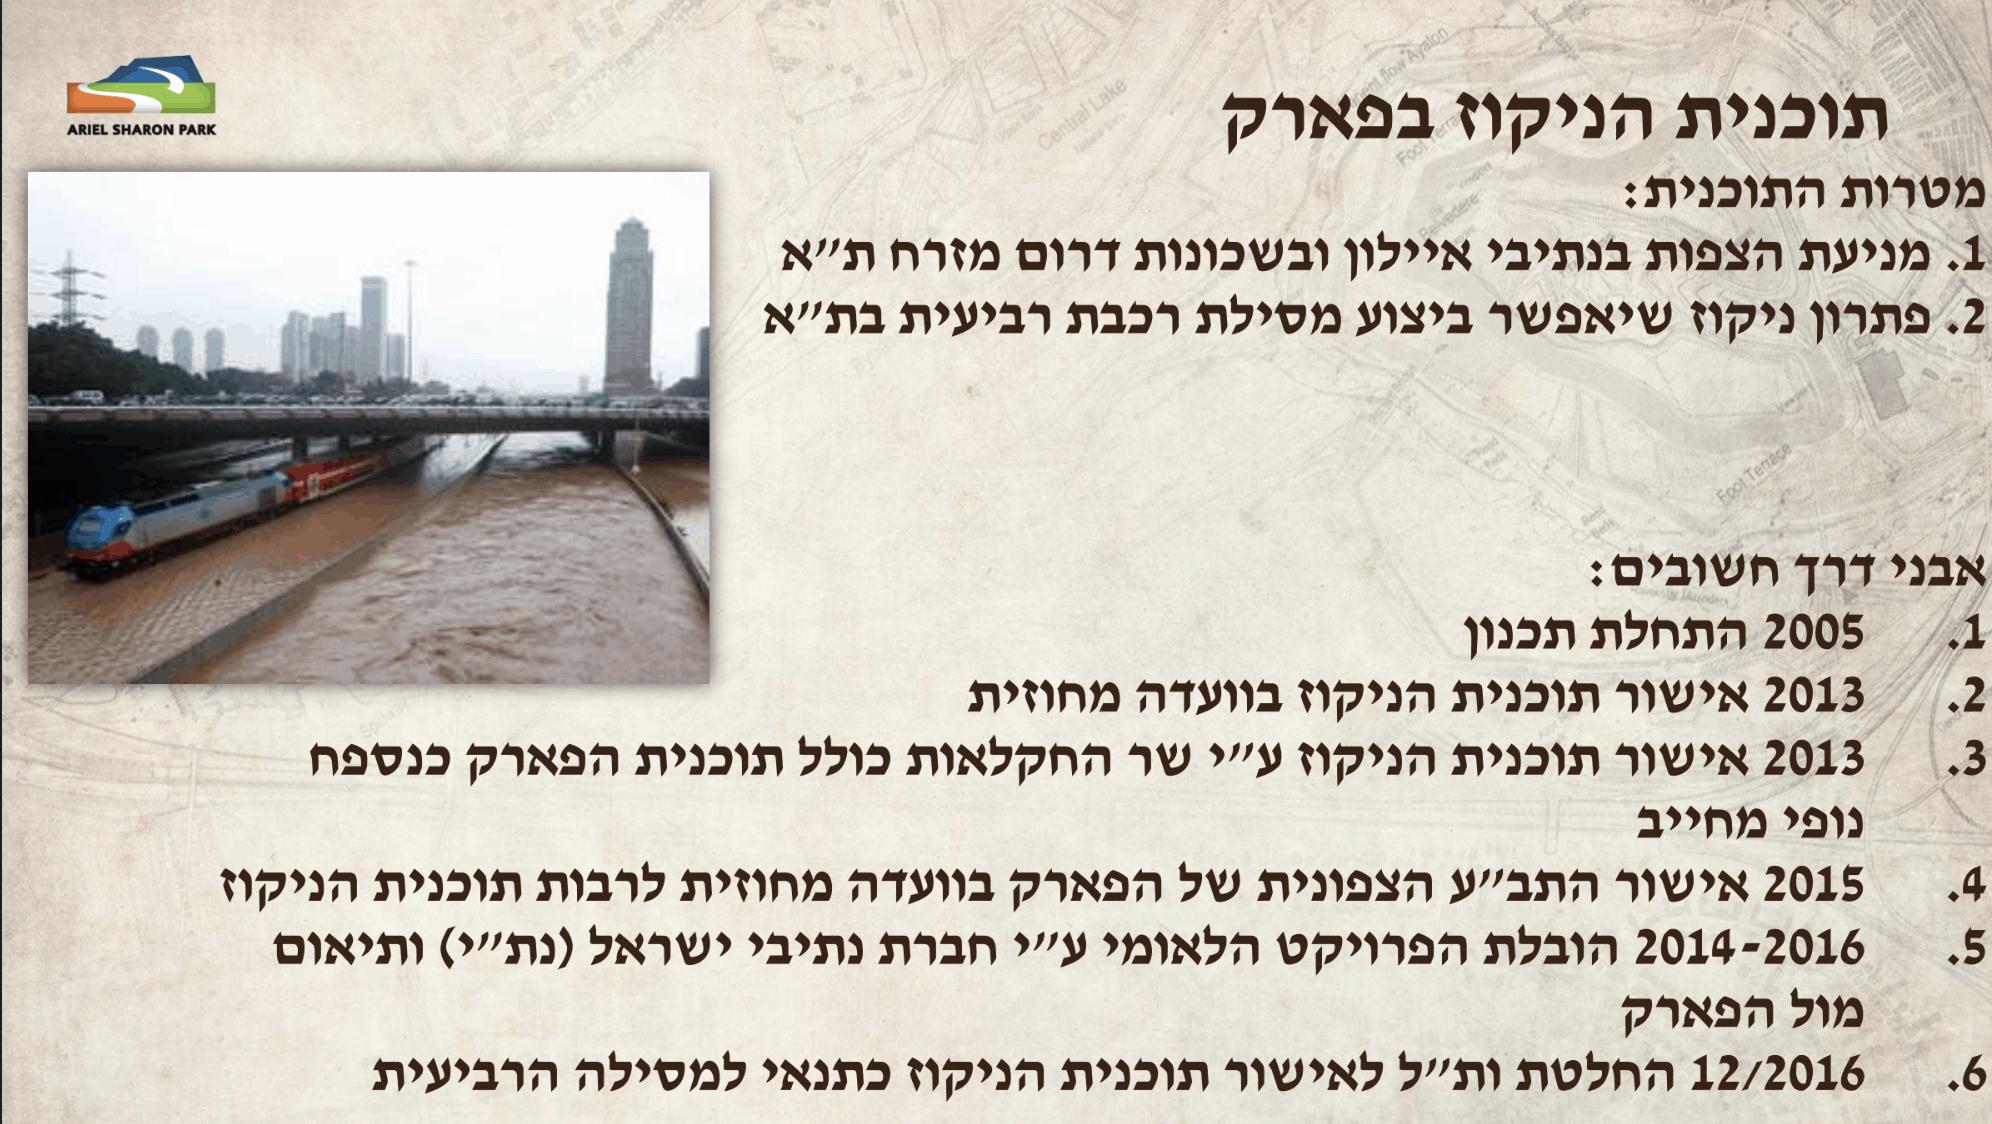 לתוכנית הניקוז הוגדרו שתי מטרות: מניעת הצפות בנתיבי איילון ובשכונות דרום מזרח בתל אביב, ופתרון שיאפשר הוספת מסילת רכבת רביעית בתל אביב (מתוך מצגת של פארק אריאל שרון)